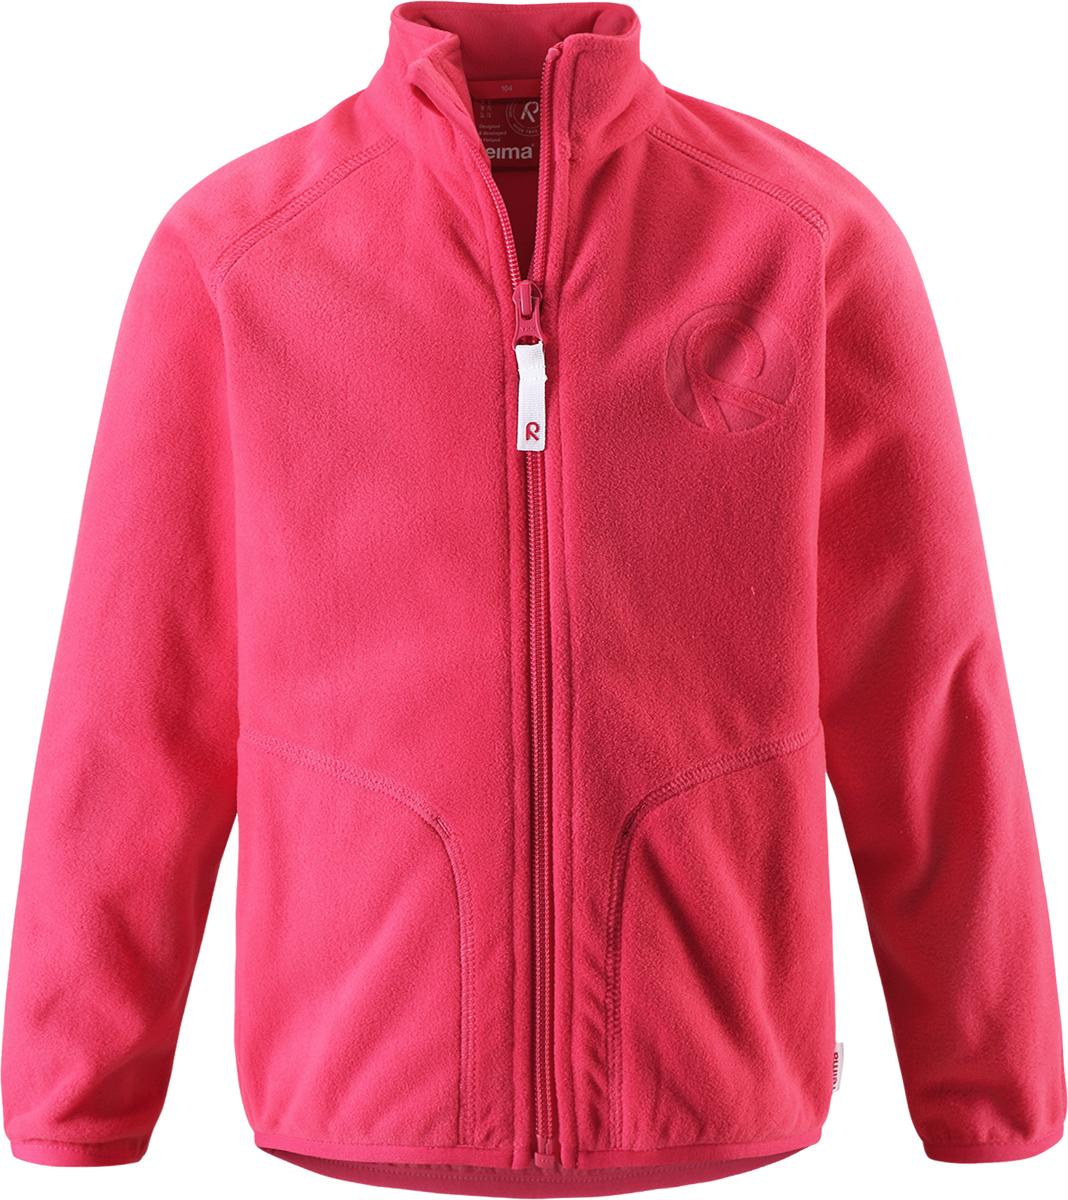 Толстовка5262503360Детская флисовая толстовка Reima на прохладный день. Можно использовать как верхнюю одежду в сухую погоду весной и осенью или поддевать в качестве промежуточного слоя в холода. Обратите внимание на удобную систему кнопок Play Layers, с помощью которой легко присоединить кофту к одежде из серии Reima Play Layers и обеспечить ребенку дополнительное тепло и комфорт. Высококачественный флис - это теплый, легкий и быстросохнущий материал, он идеально подходит для активных прогулок. Удлиненная спинка обеспечивает дополнительную защиту для поясницы, а молния во всю длину с защитой для подбородка облегчает надевание.